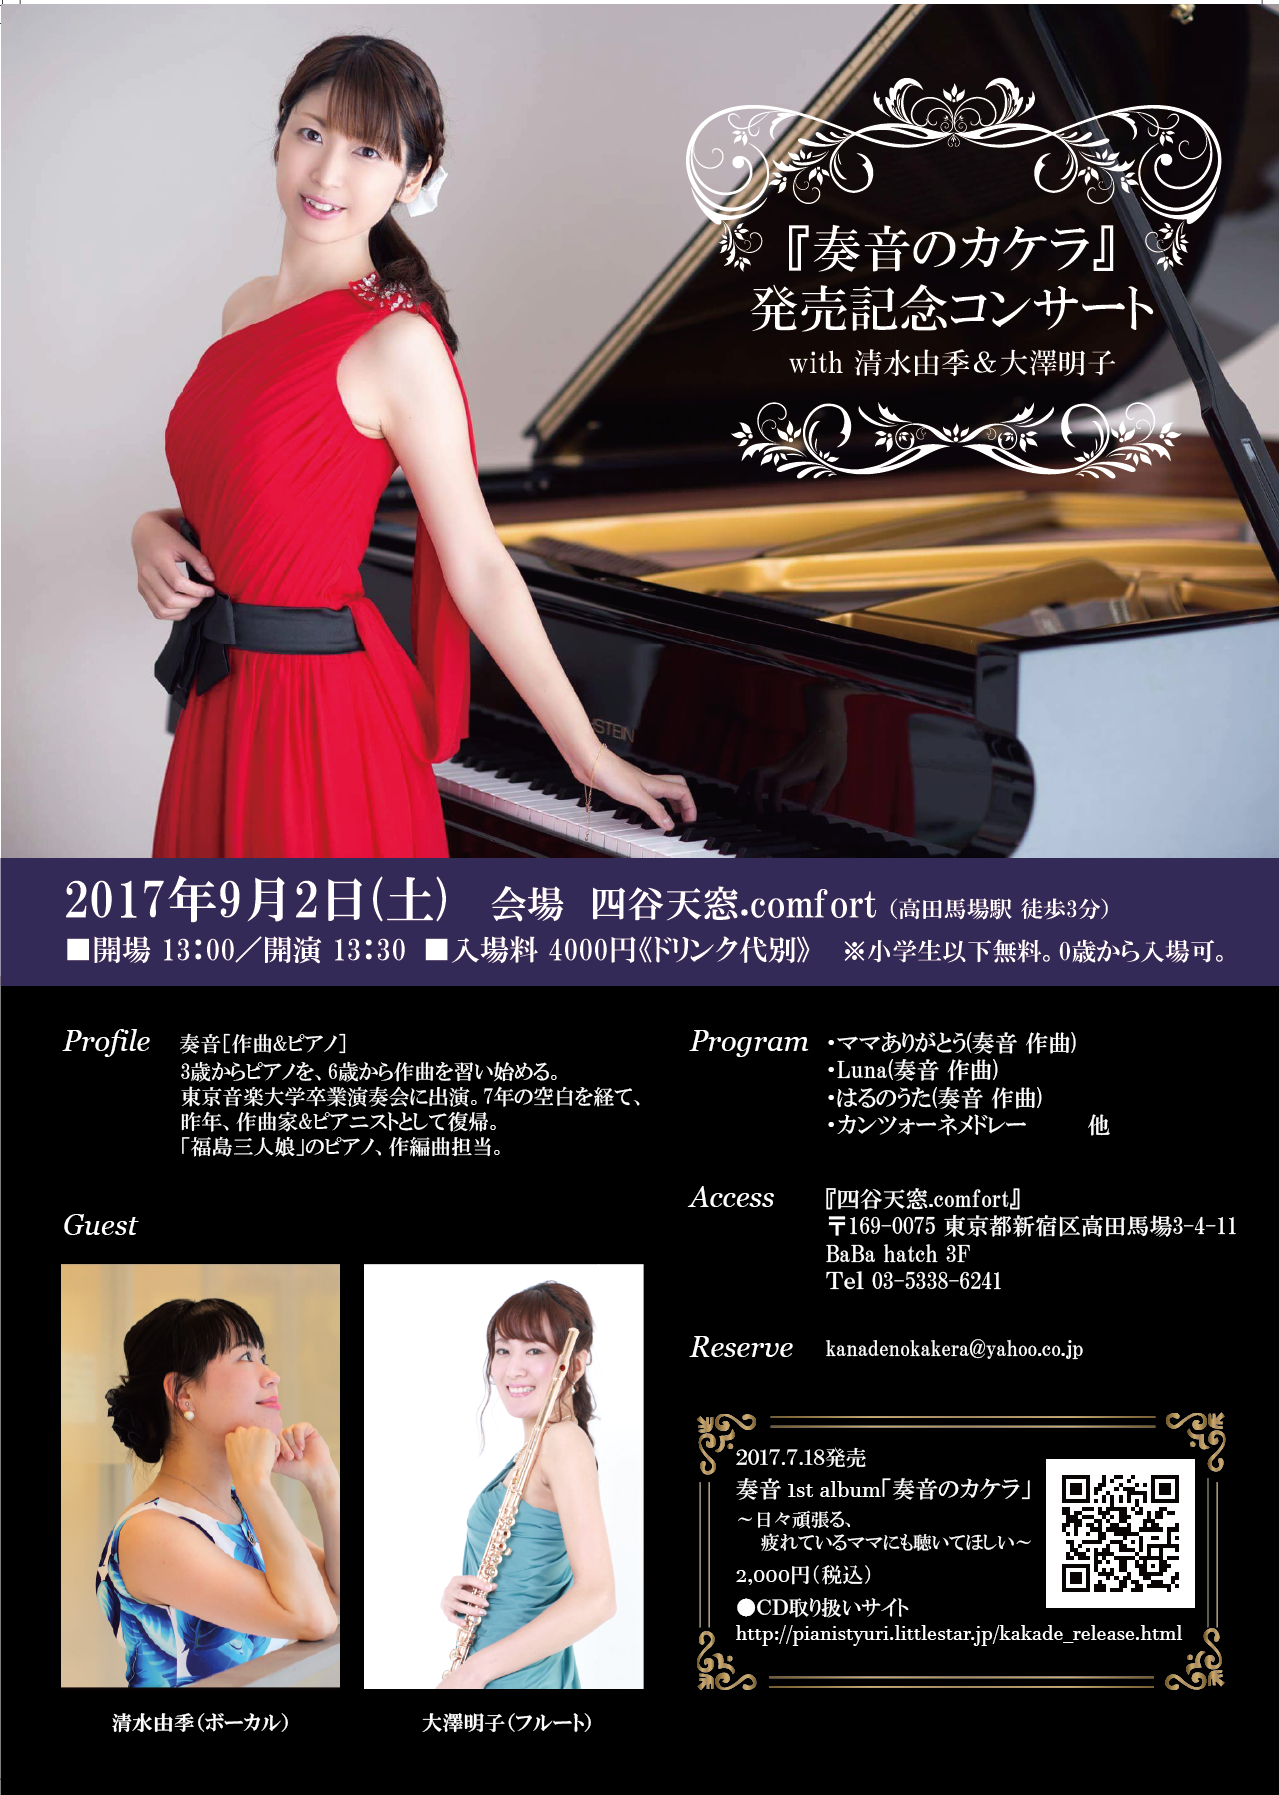 『奏音のカケラ』発売記念コンサート